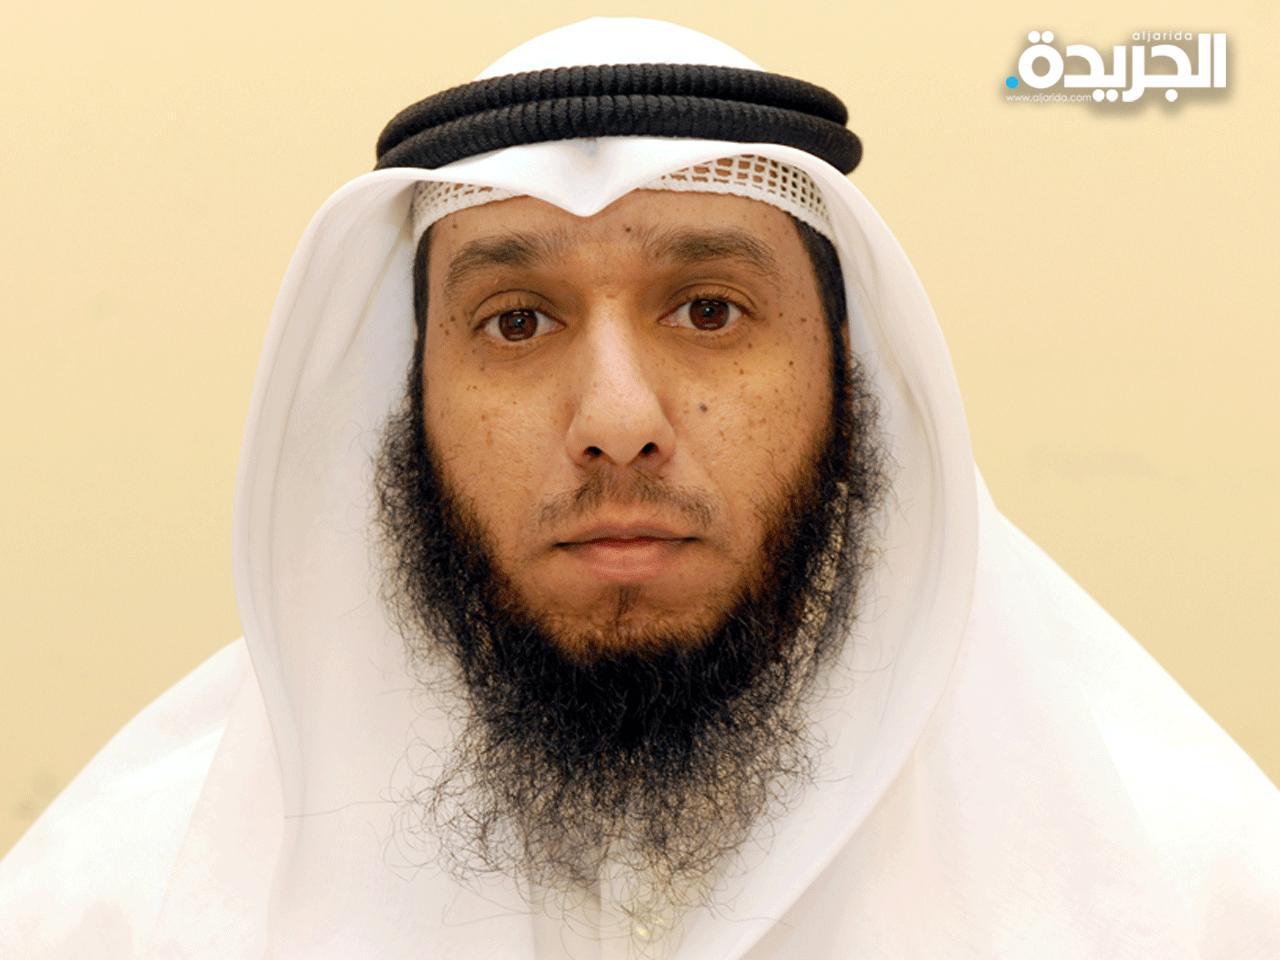 جريدة الجريدة الكويتية   «بيت الزكاة»: إصدار دليل إرشادات يسهل على الشركات حساب زكاة أموالها